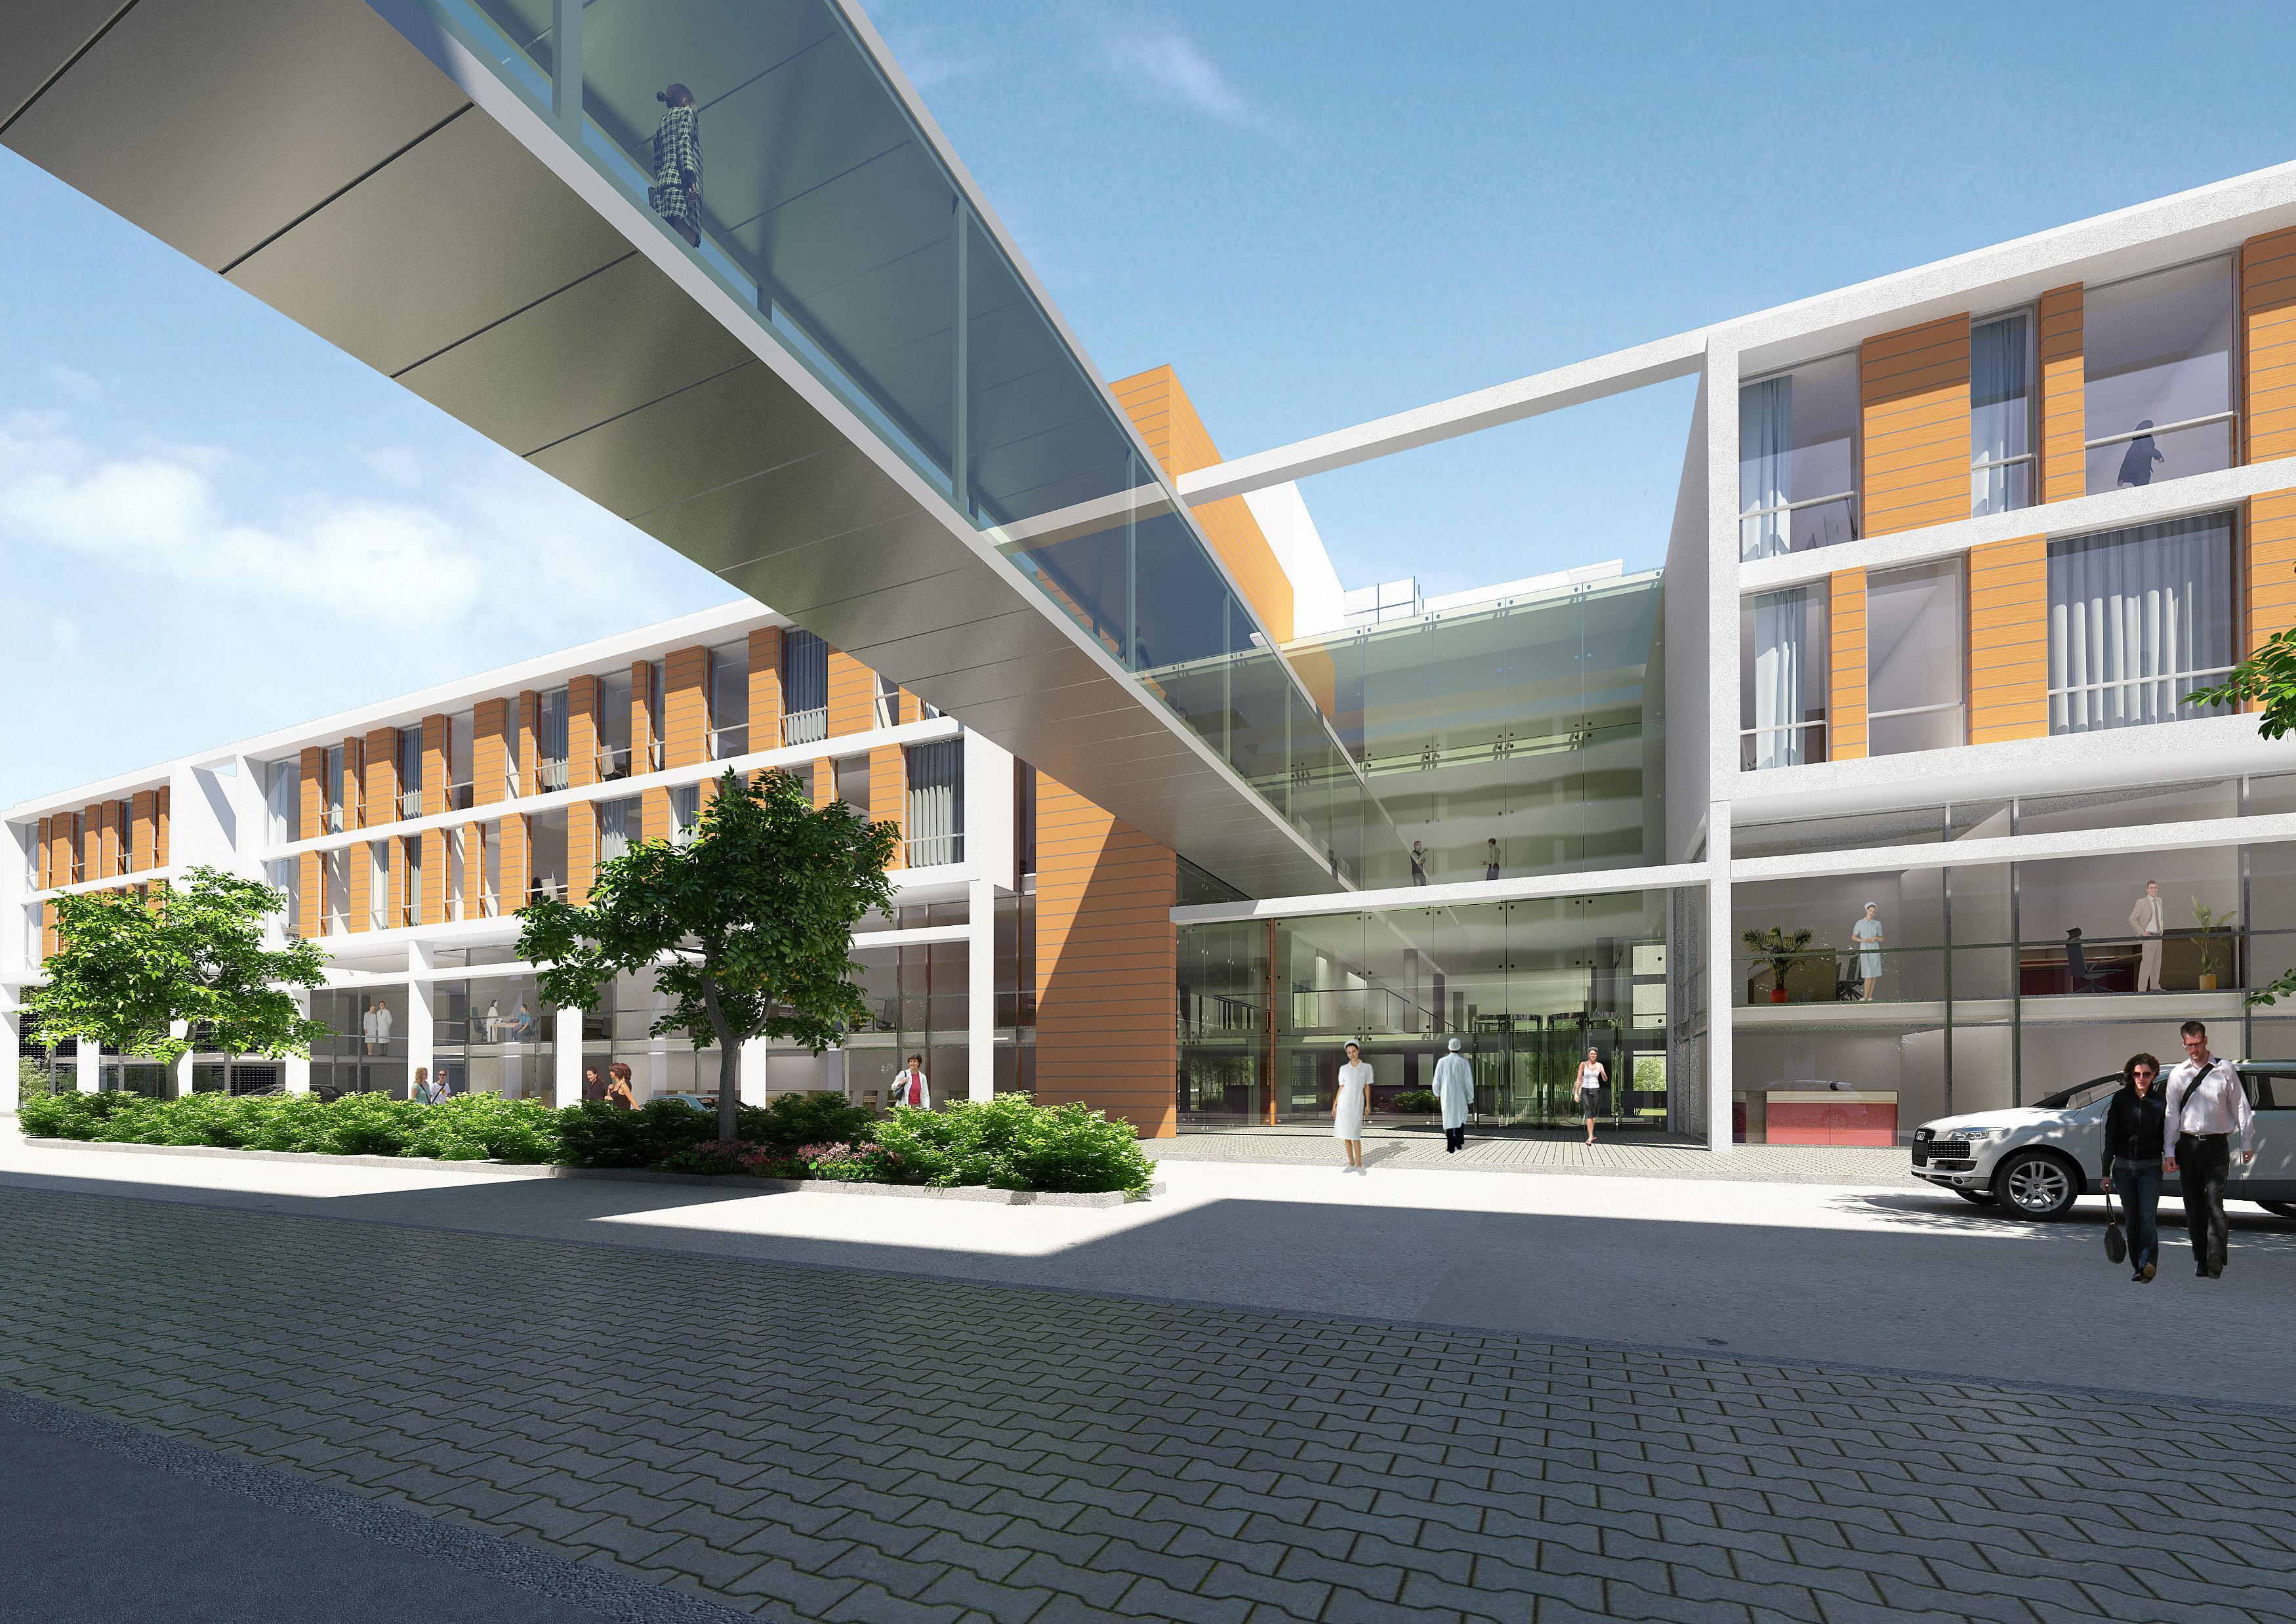 rrp international hospital oldenburg germany. Black Bedroom Furniture Sets. Home Design Ideas